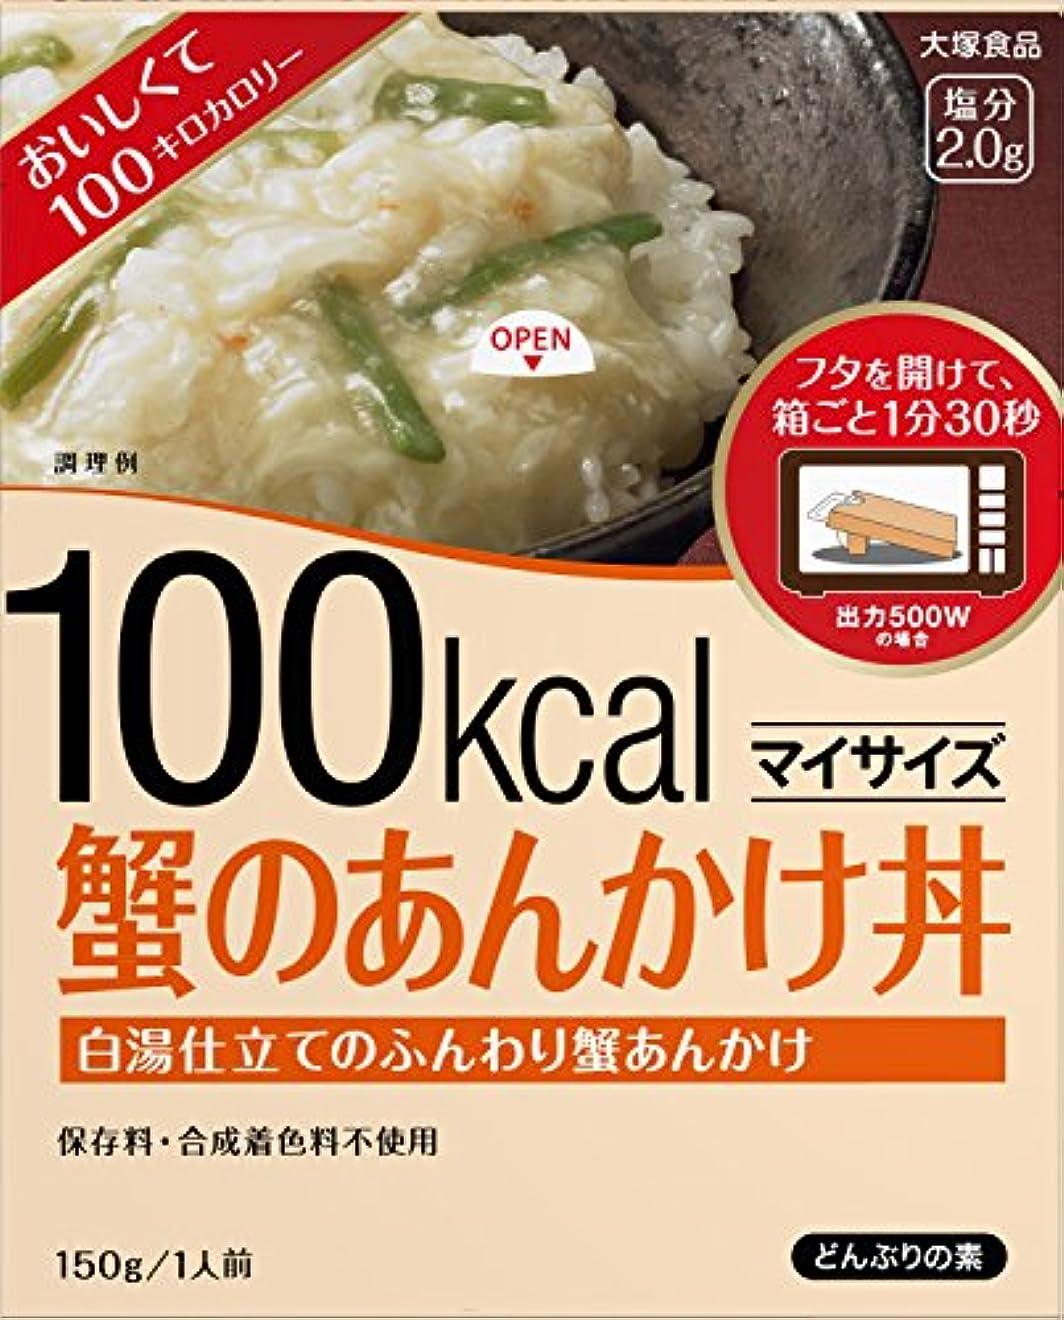 属する早いご意見大塚 マイサイズ 蟹のあんかけ丼 150g【5個セット】